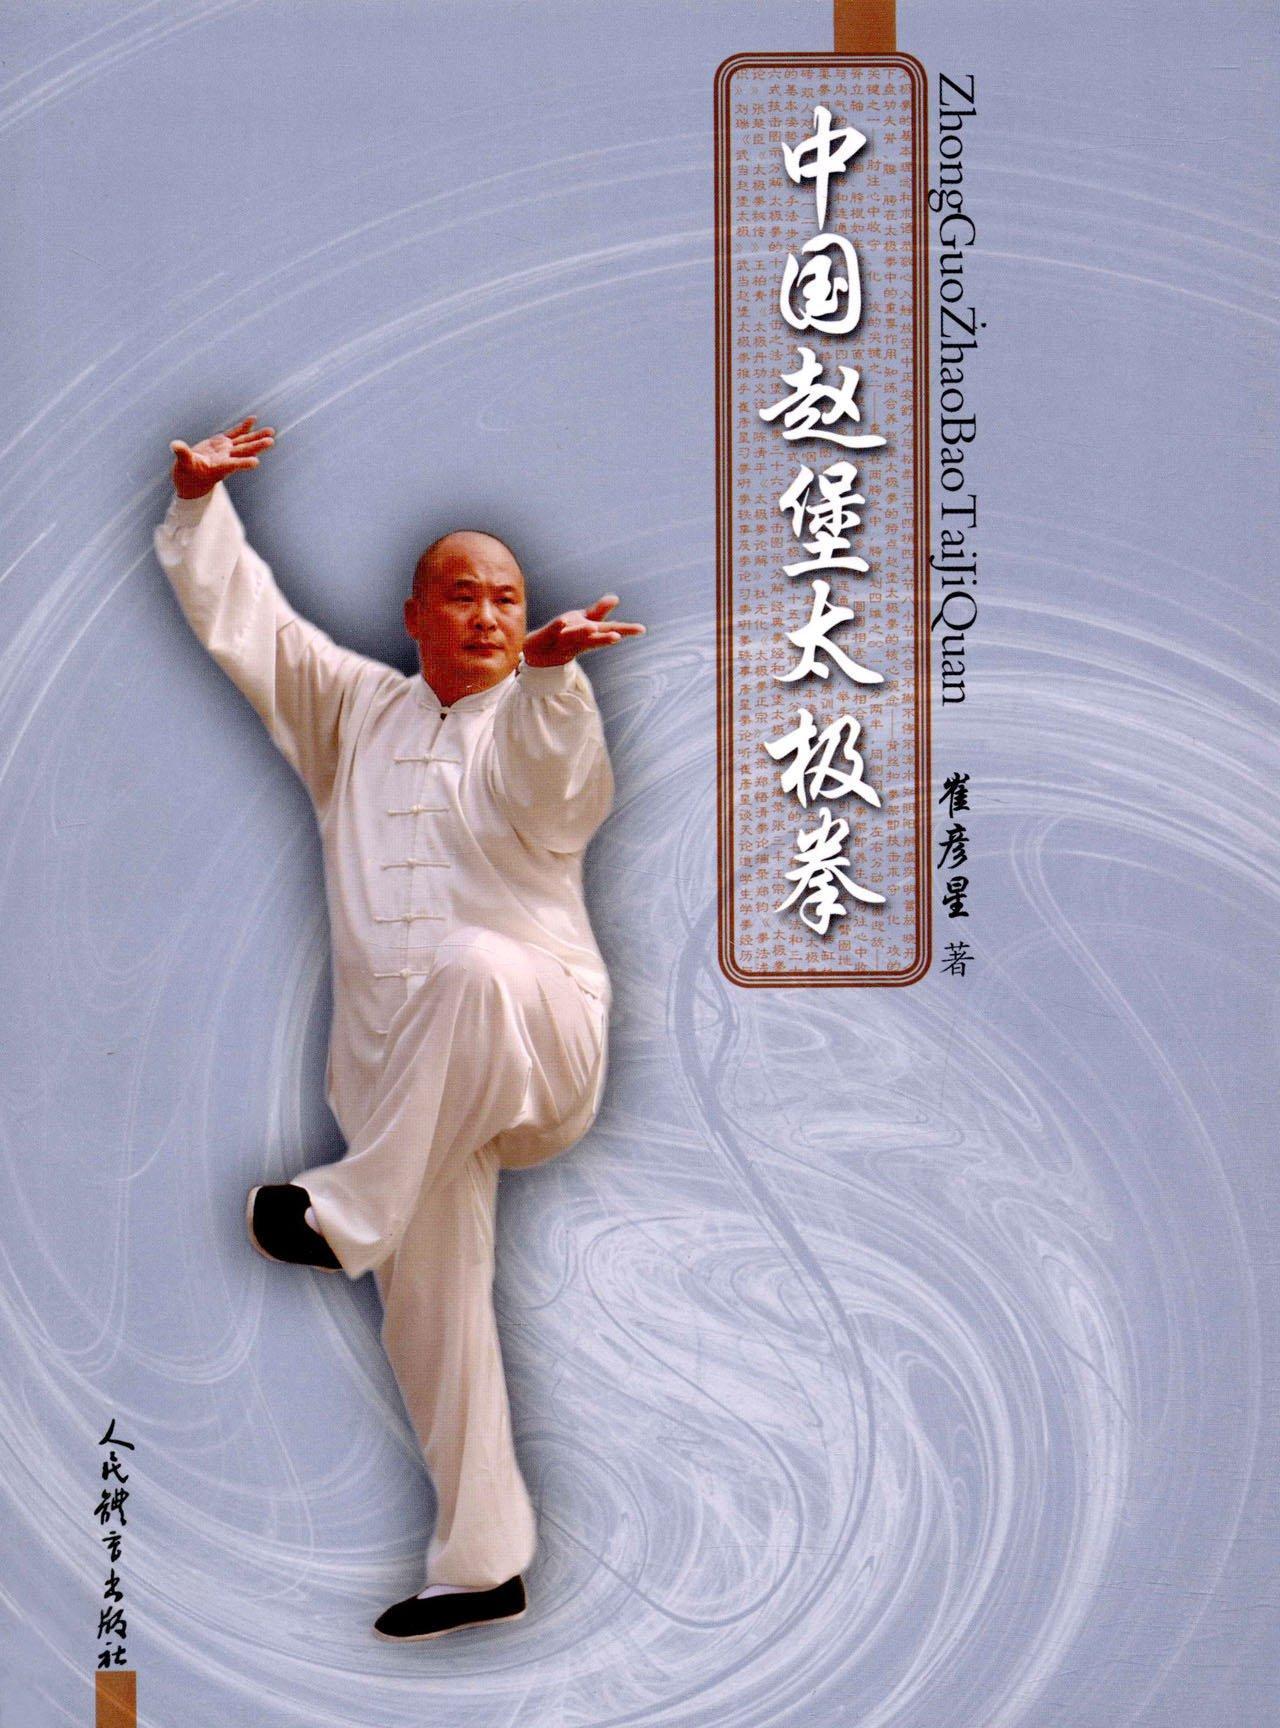 Trung Quốc Zhaobao Thái Cực Quyền Bìa Mềm Cui YAN Ngôi Sao (Tác Giả)